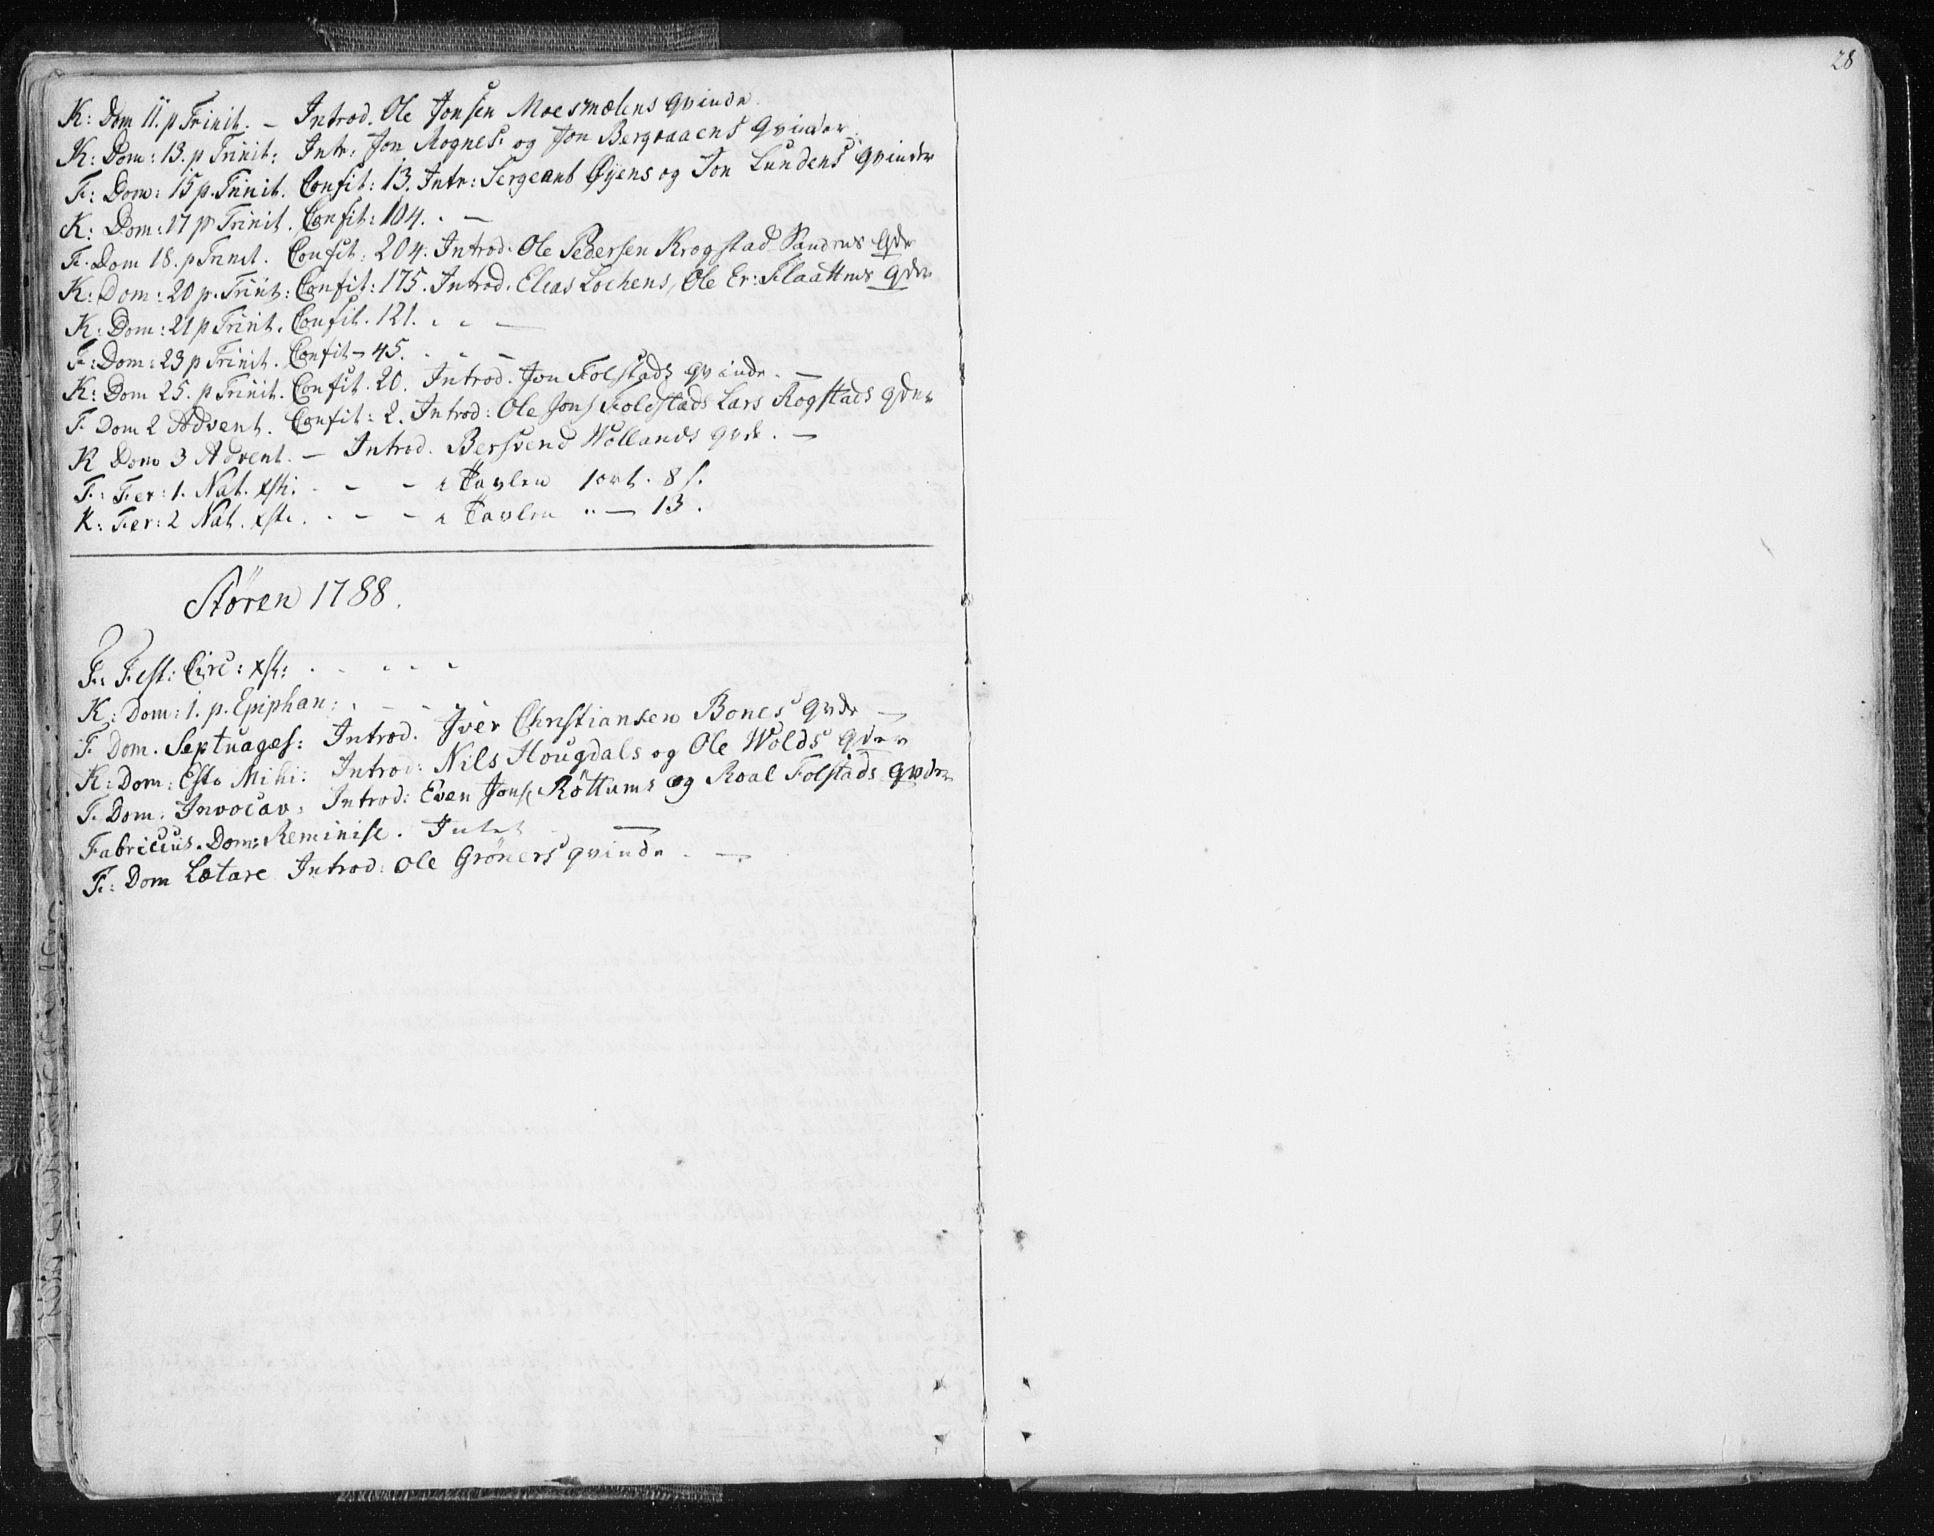 SAT, Ministerialprotokoller, klokkerbøker og fødselsregistre - Sør-Trøndelag, 687/L0991: Ministerialbok nr. 687A02, 1747-1790, s. 28